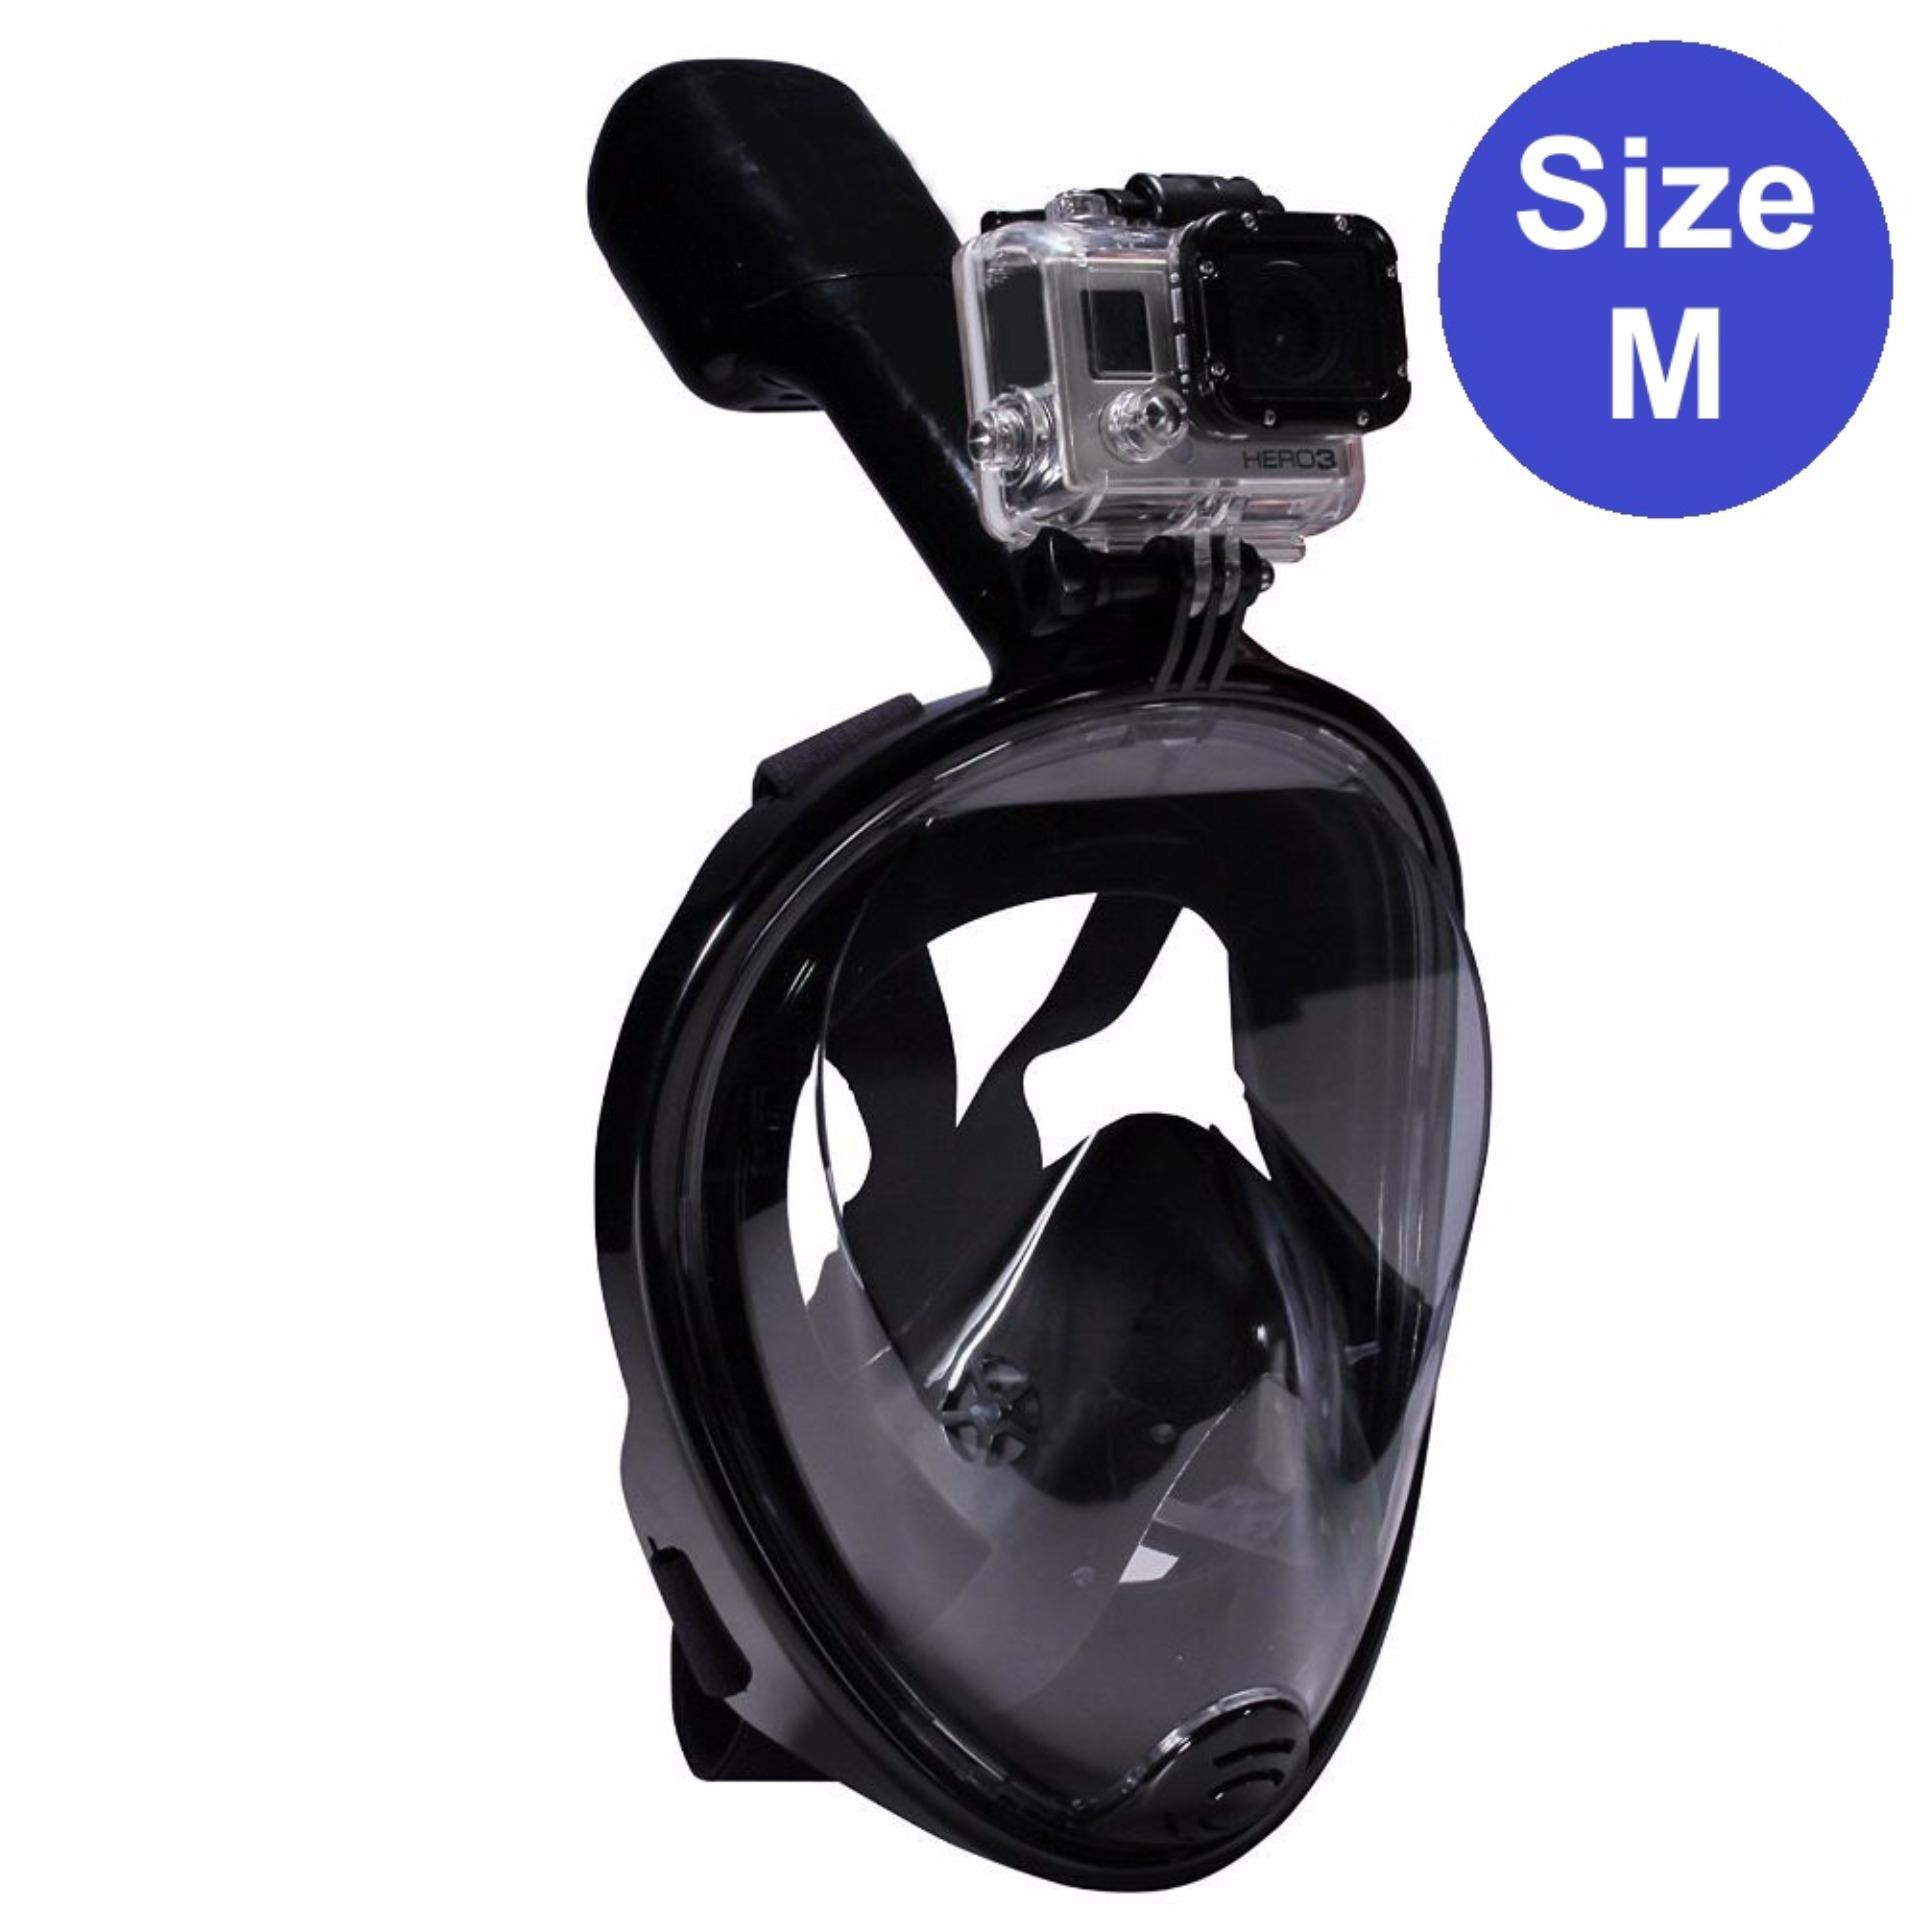 Mặt nạ lặn Full Face – Size M – gắn được GOPRO, SJCAM tầm nhìn 180 độ, Ống thở gắn liền ngăn nước – POPO Sports